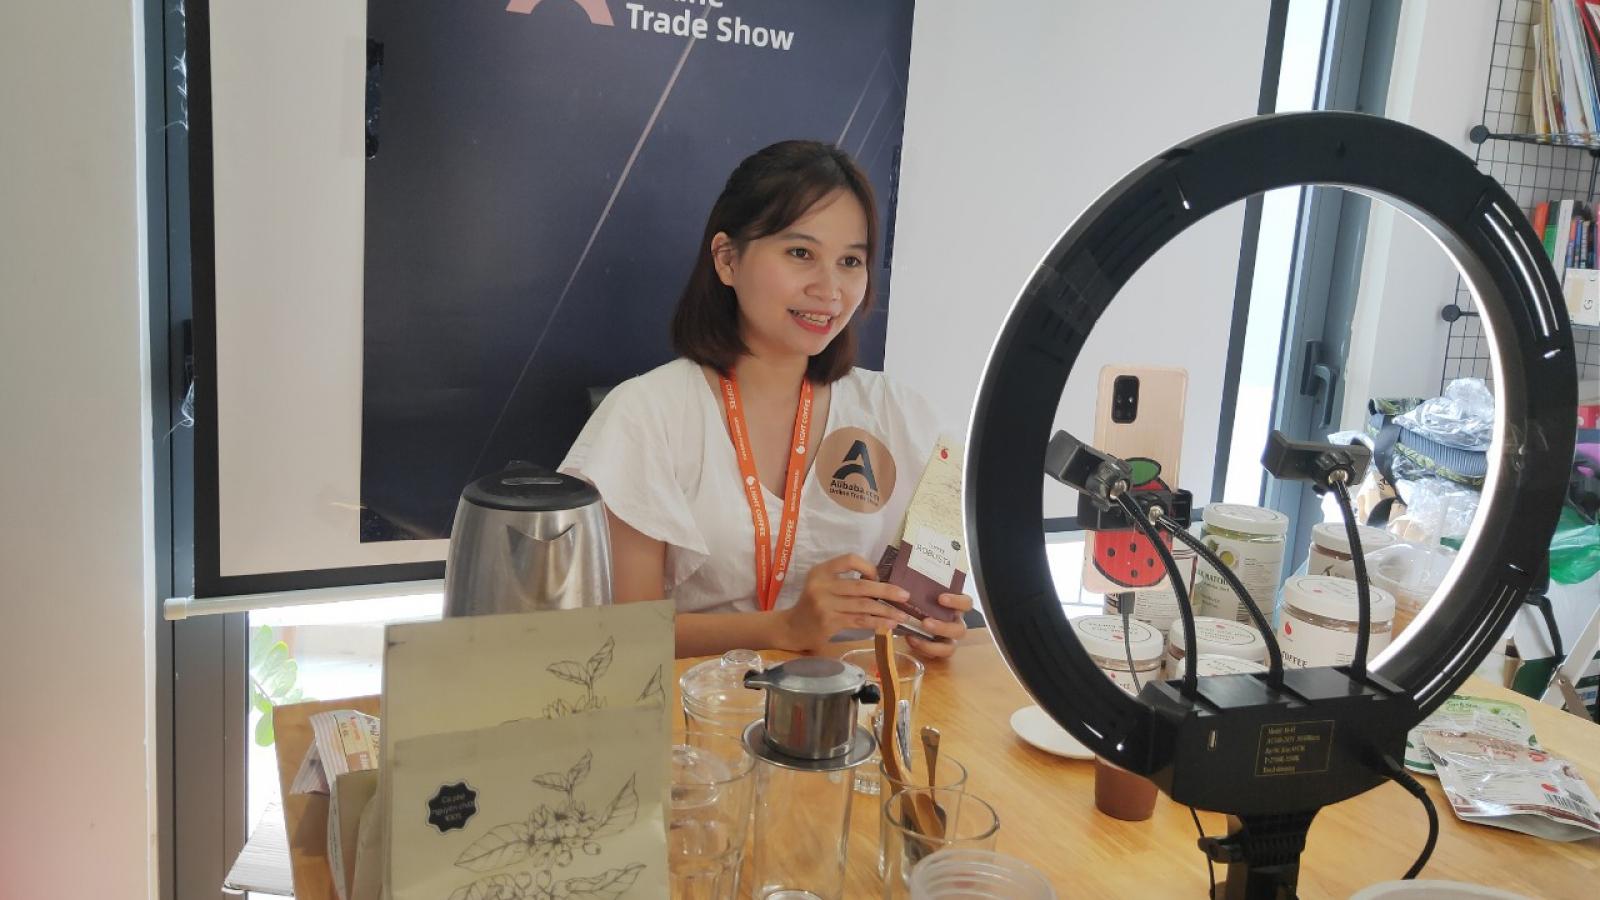 Hàng hóa Việt Nam có khả năng cạnh tranh trên Amazon và Alibaba